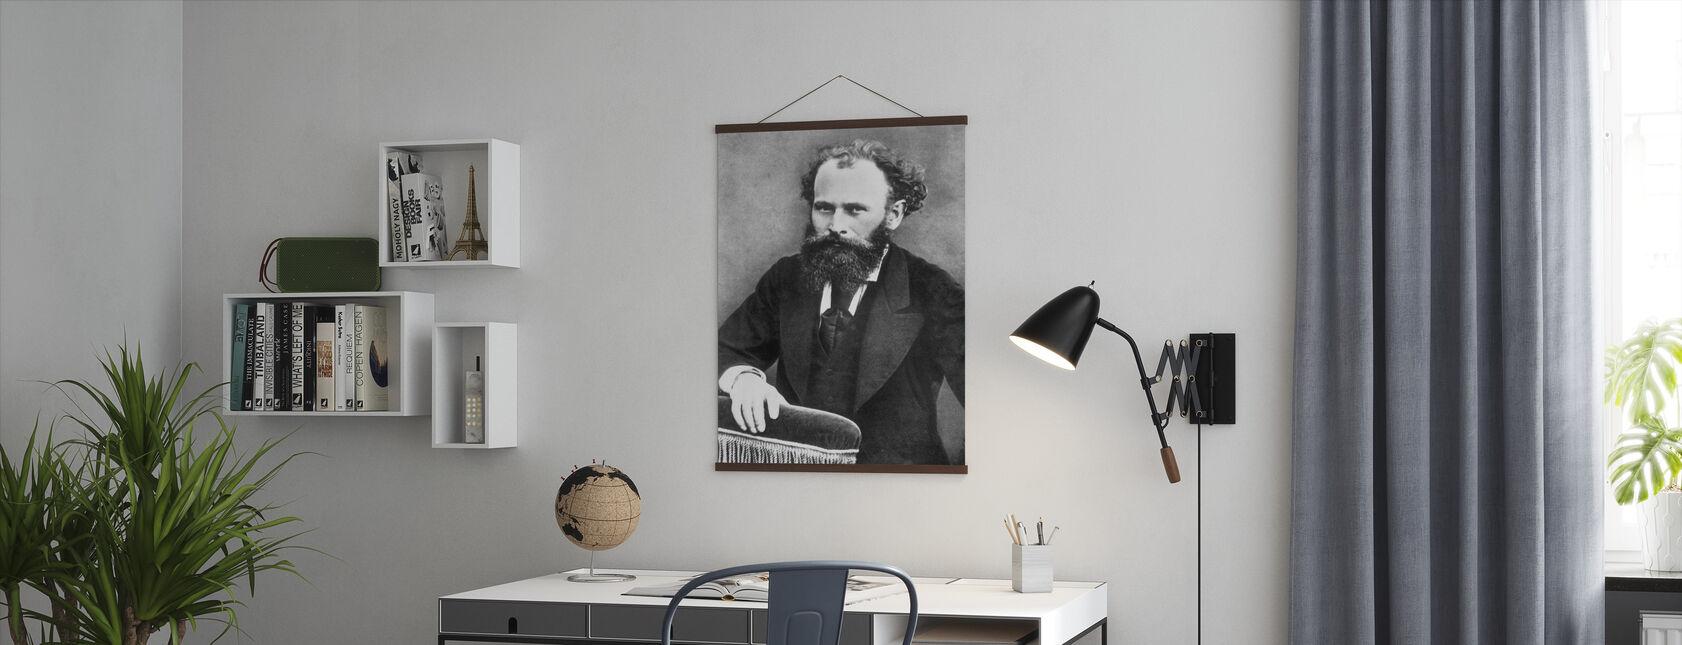 Edward Manet - Plakat - Kontor